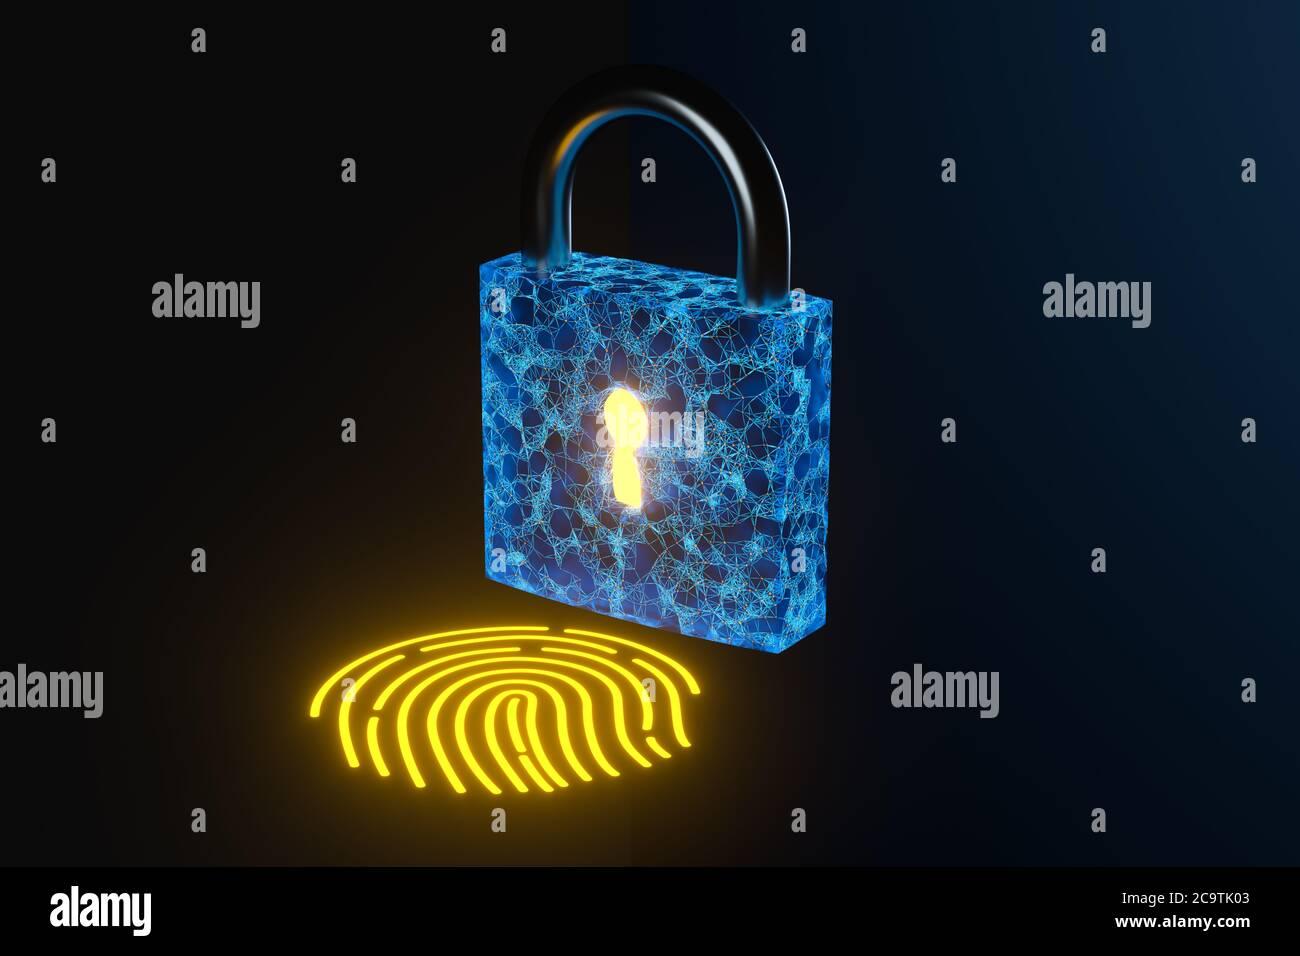 Sicherheitsschloss mit Fingerabdruckerkennung, 3d-Rendering. Digitale Zeichnung des Computers. Stockfoto